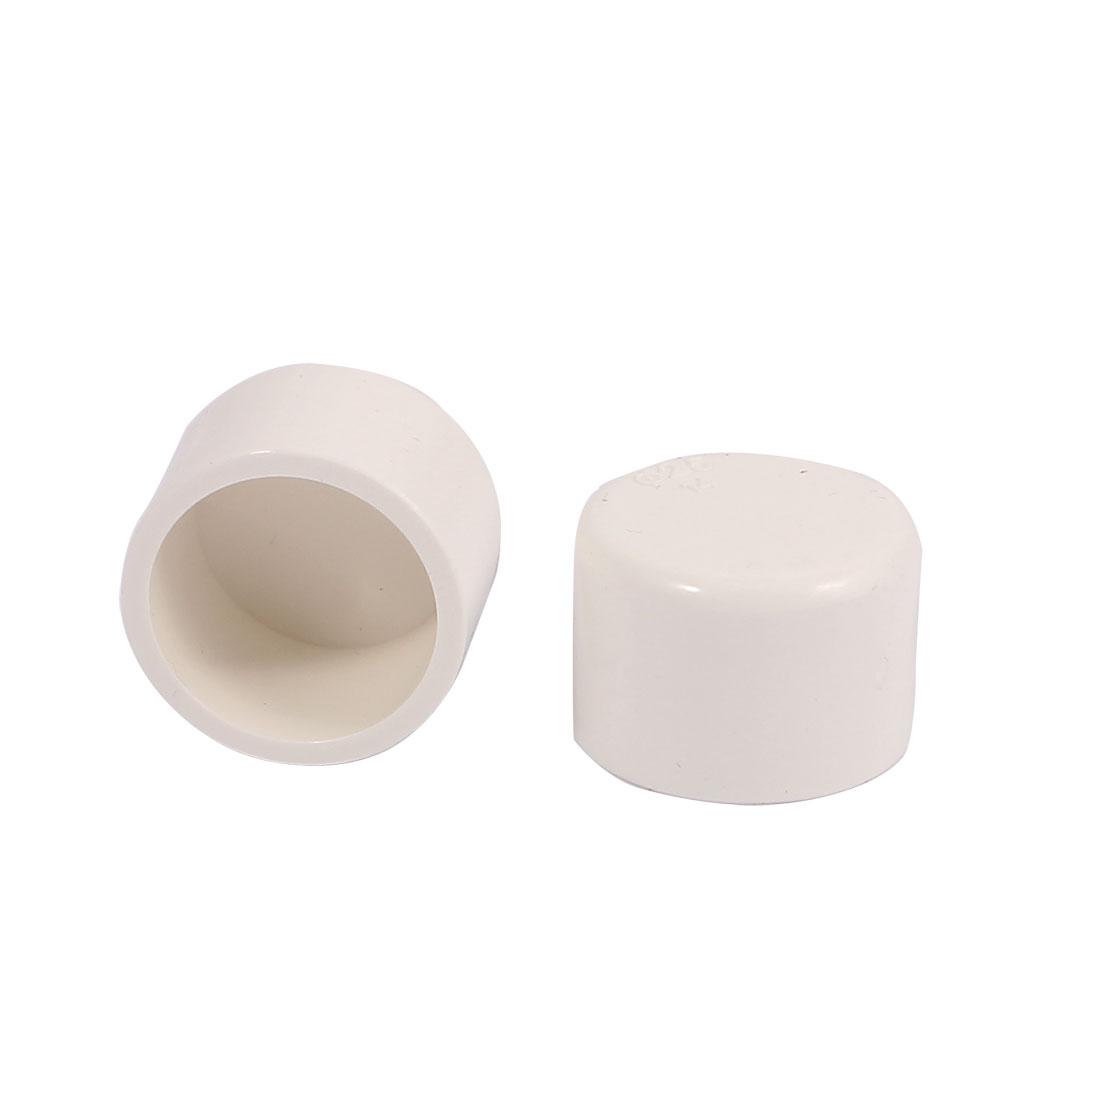 2 Pcs 25mm Inner Dia Water Pipe Fittings PVC Slip End Cap Cover White